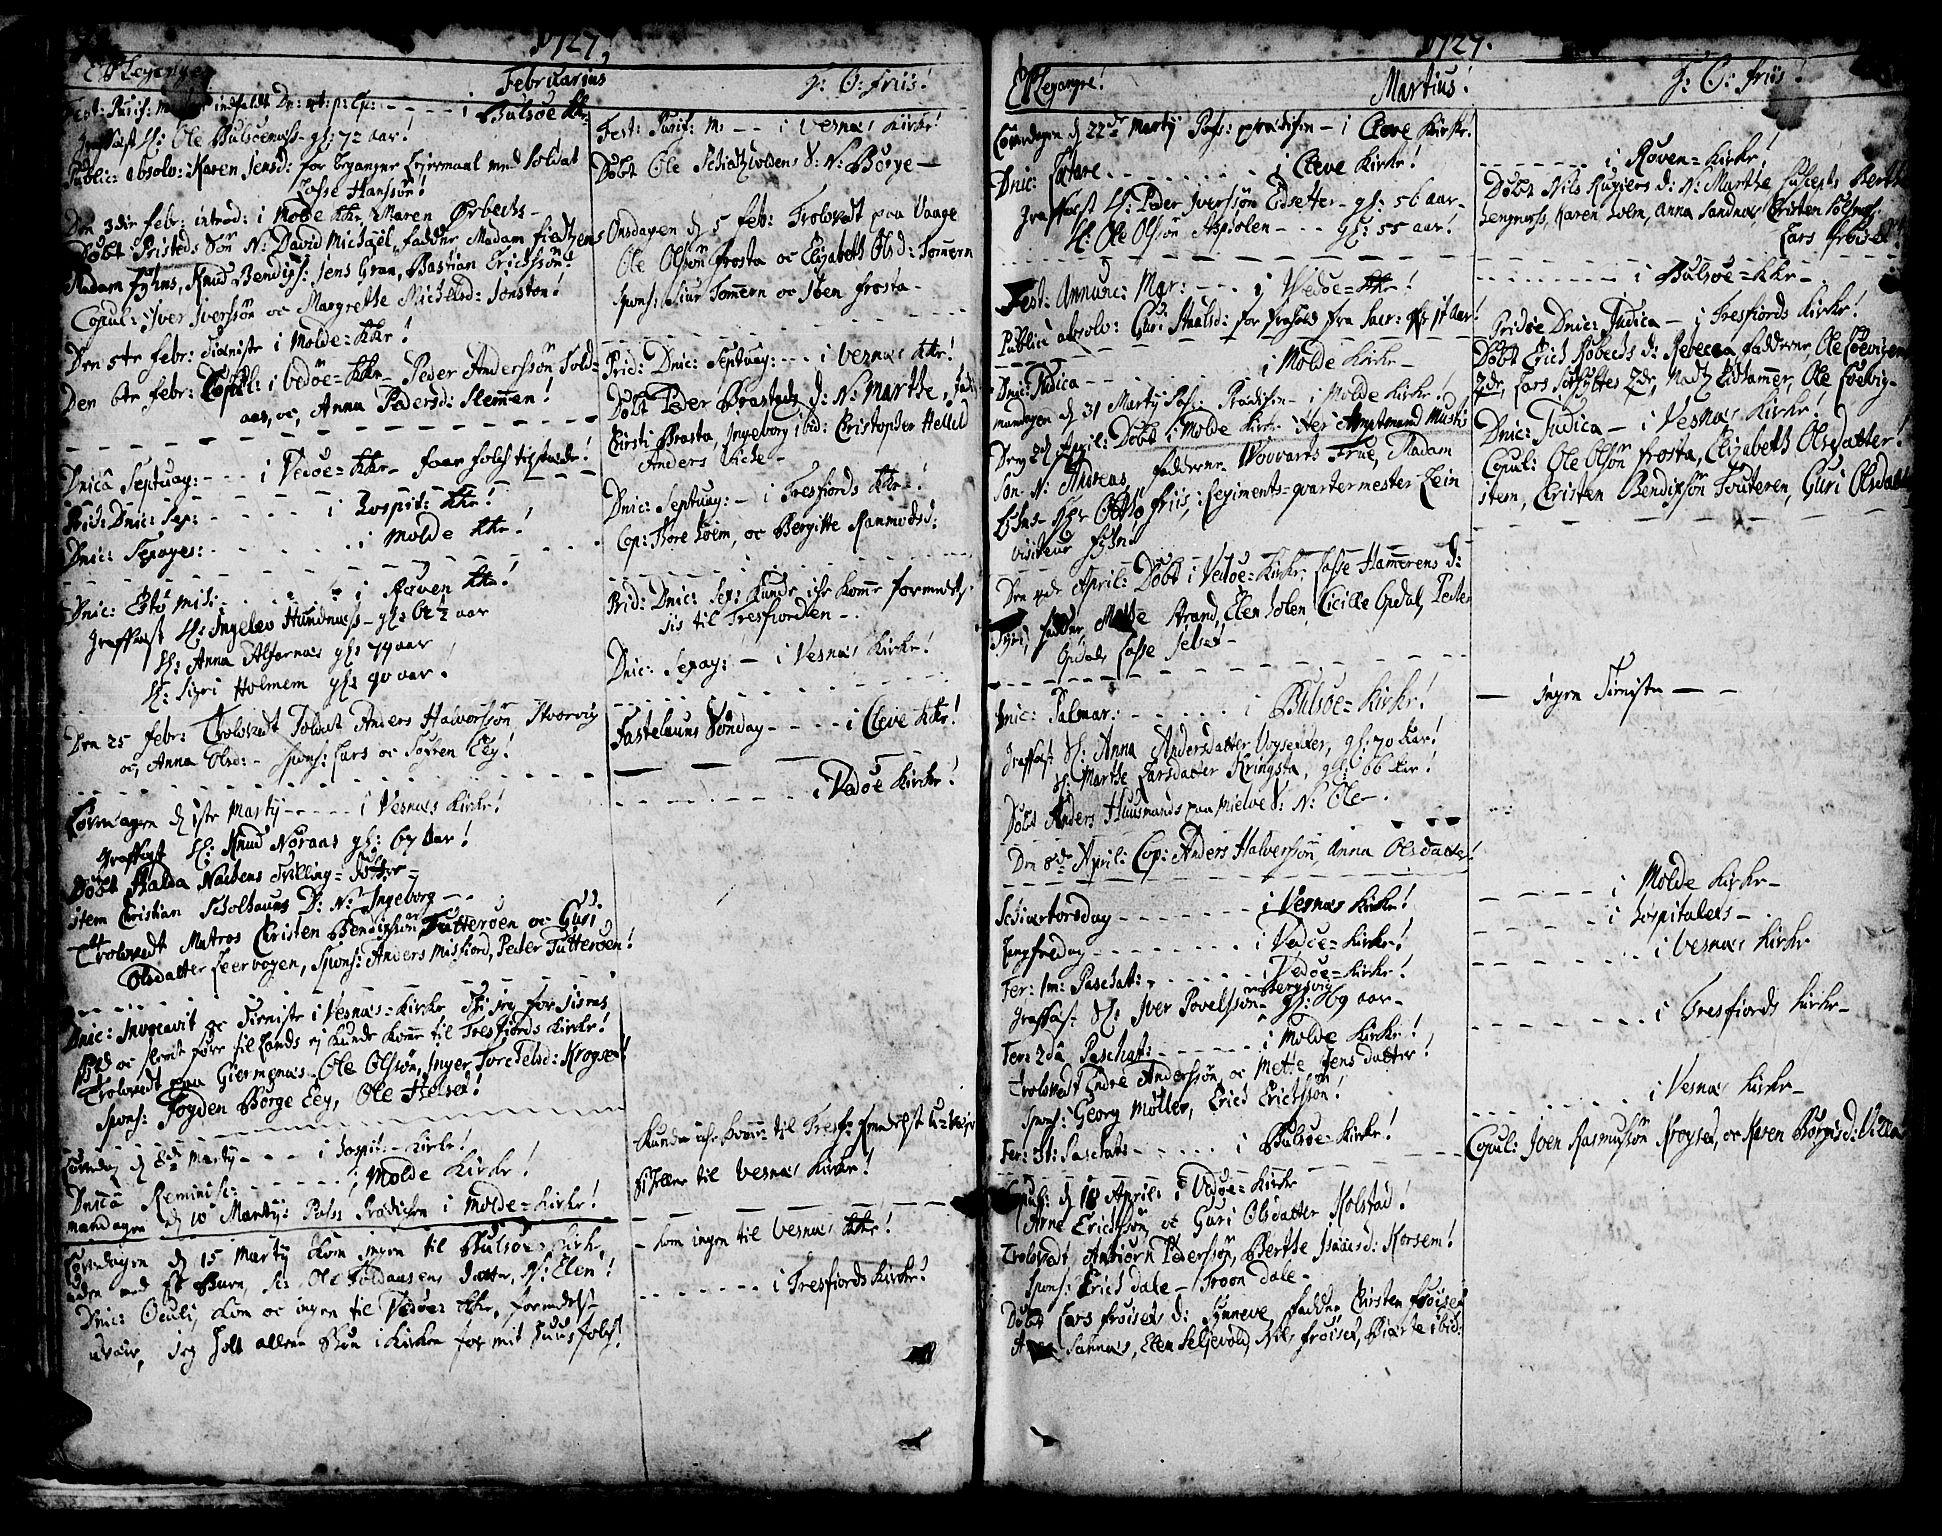 SAT, Ministerialprotokoller, klokkerbøker og fødselsregistre - Møre og Romsdal, 547/L0599: Ministerialbok nr. 547A01, 1721-1764, s. 80-81